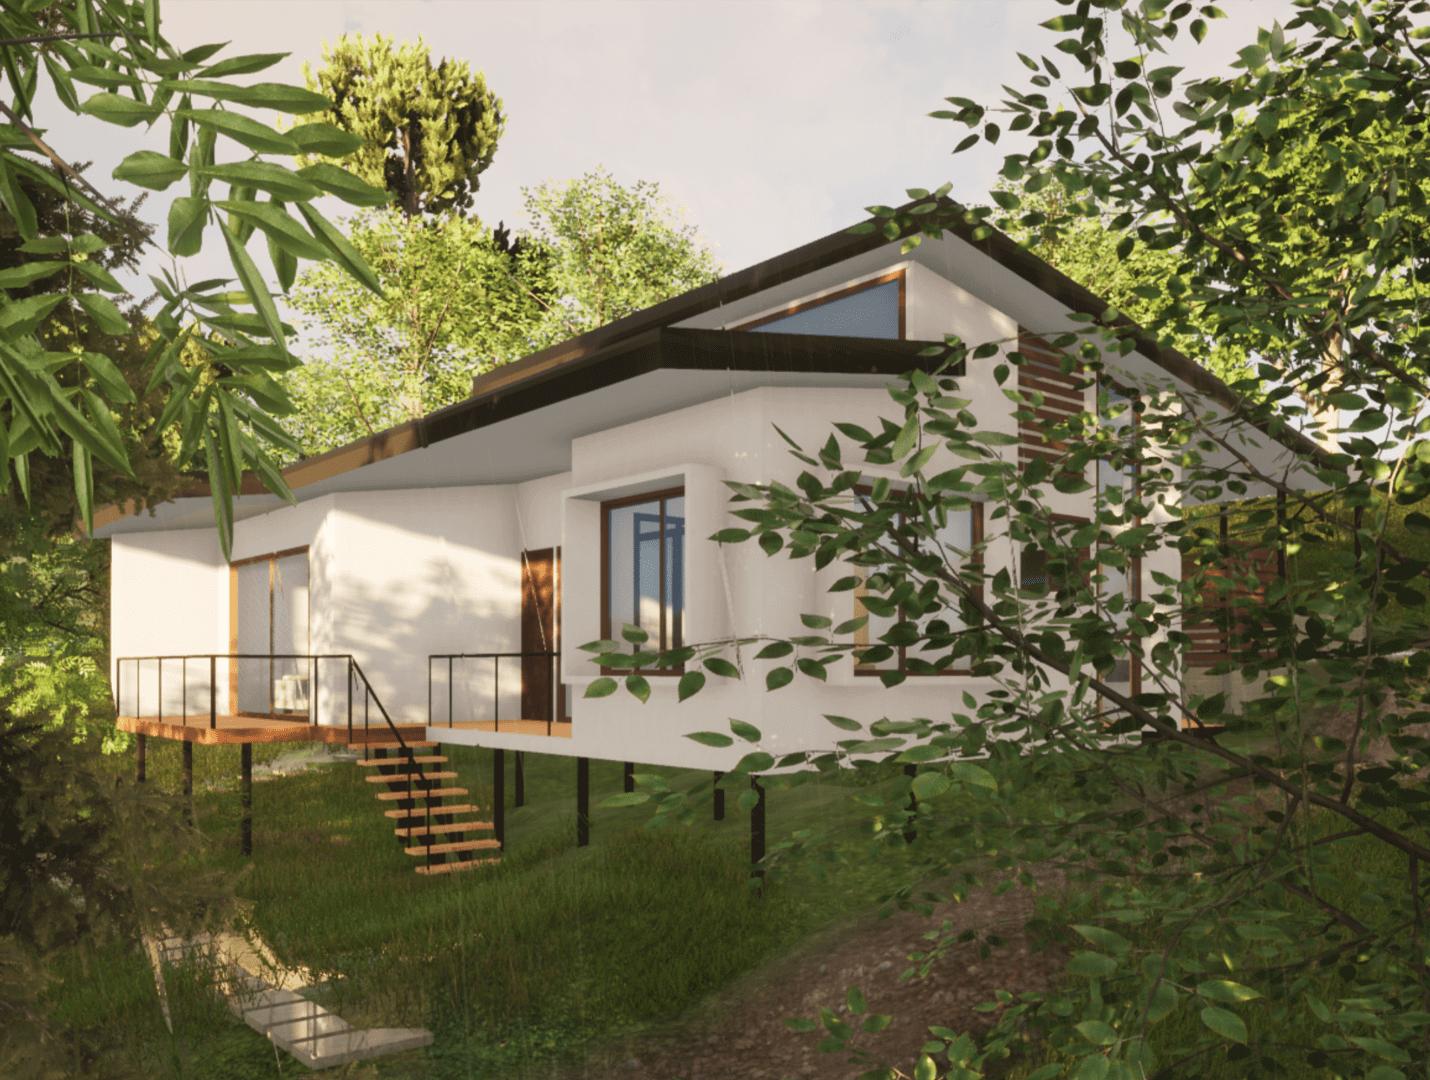 Casa Floresta portafolio Rudin arquitectura